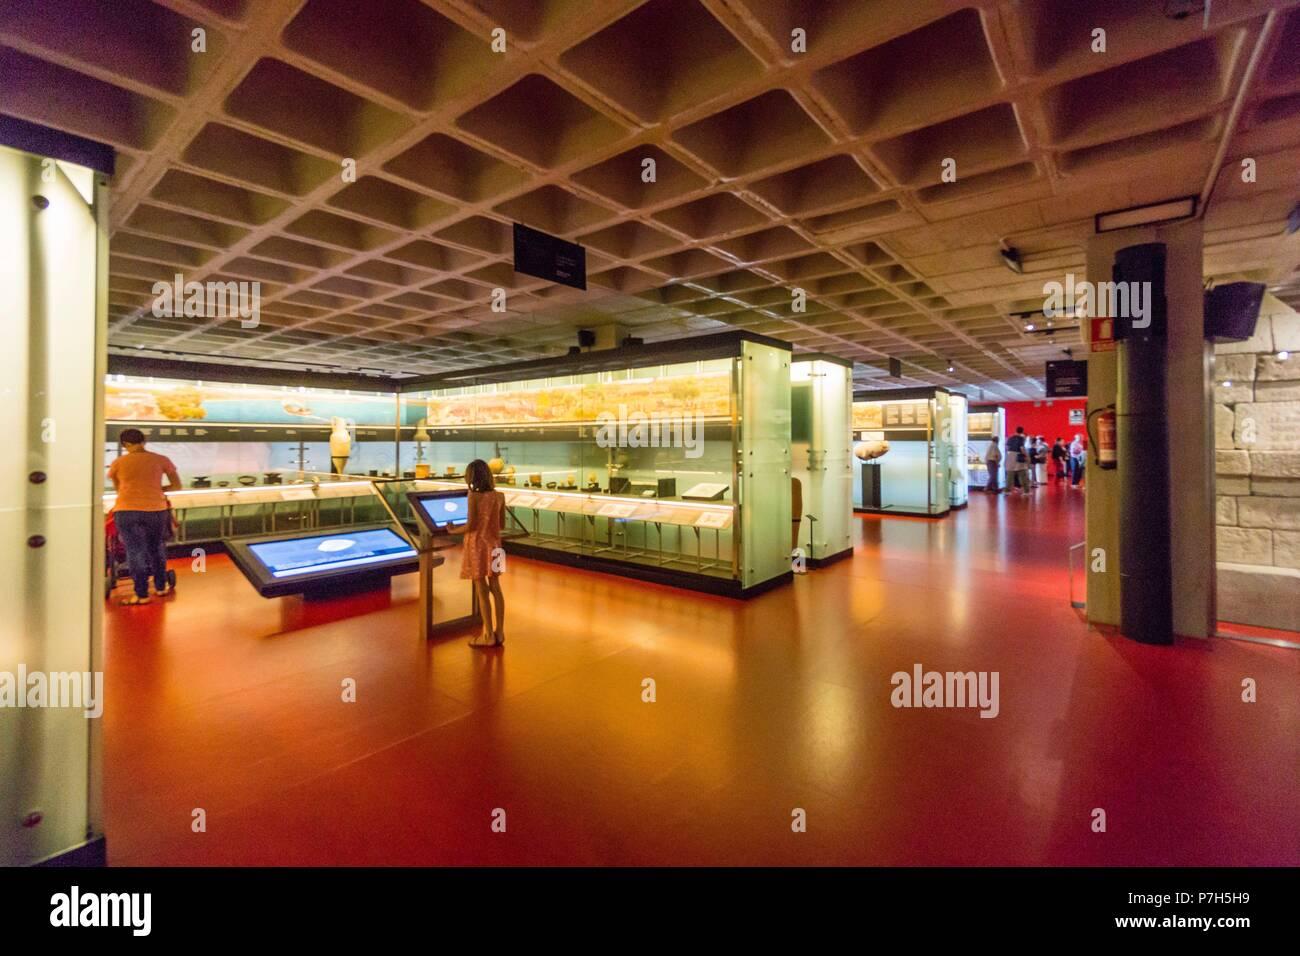 museo arqueologico y de historia de Elche Alejandro Ramos Folqués, Elche, Alicante, comunidad Valenciana, Spain, Europe. Stock Photo